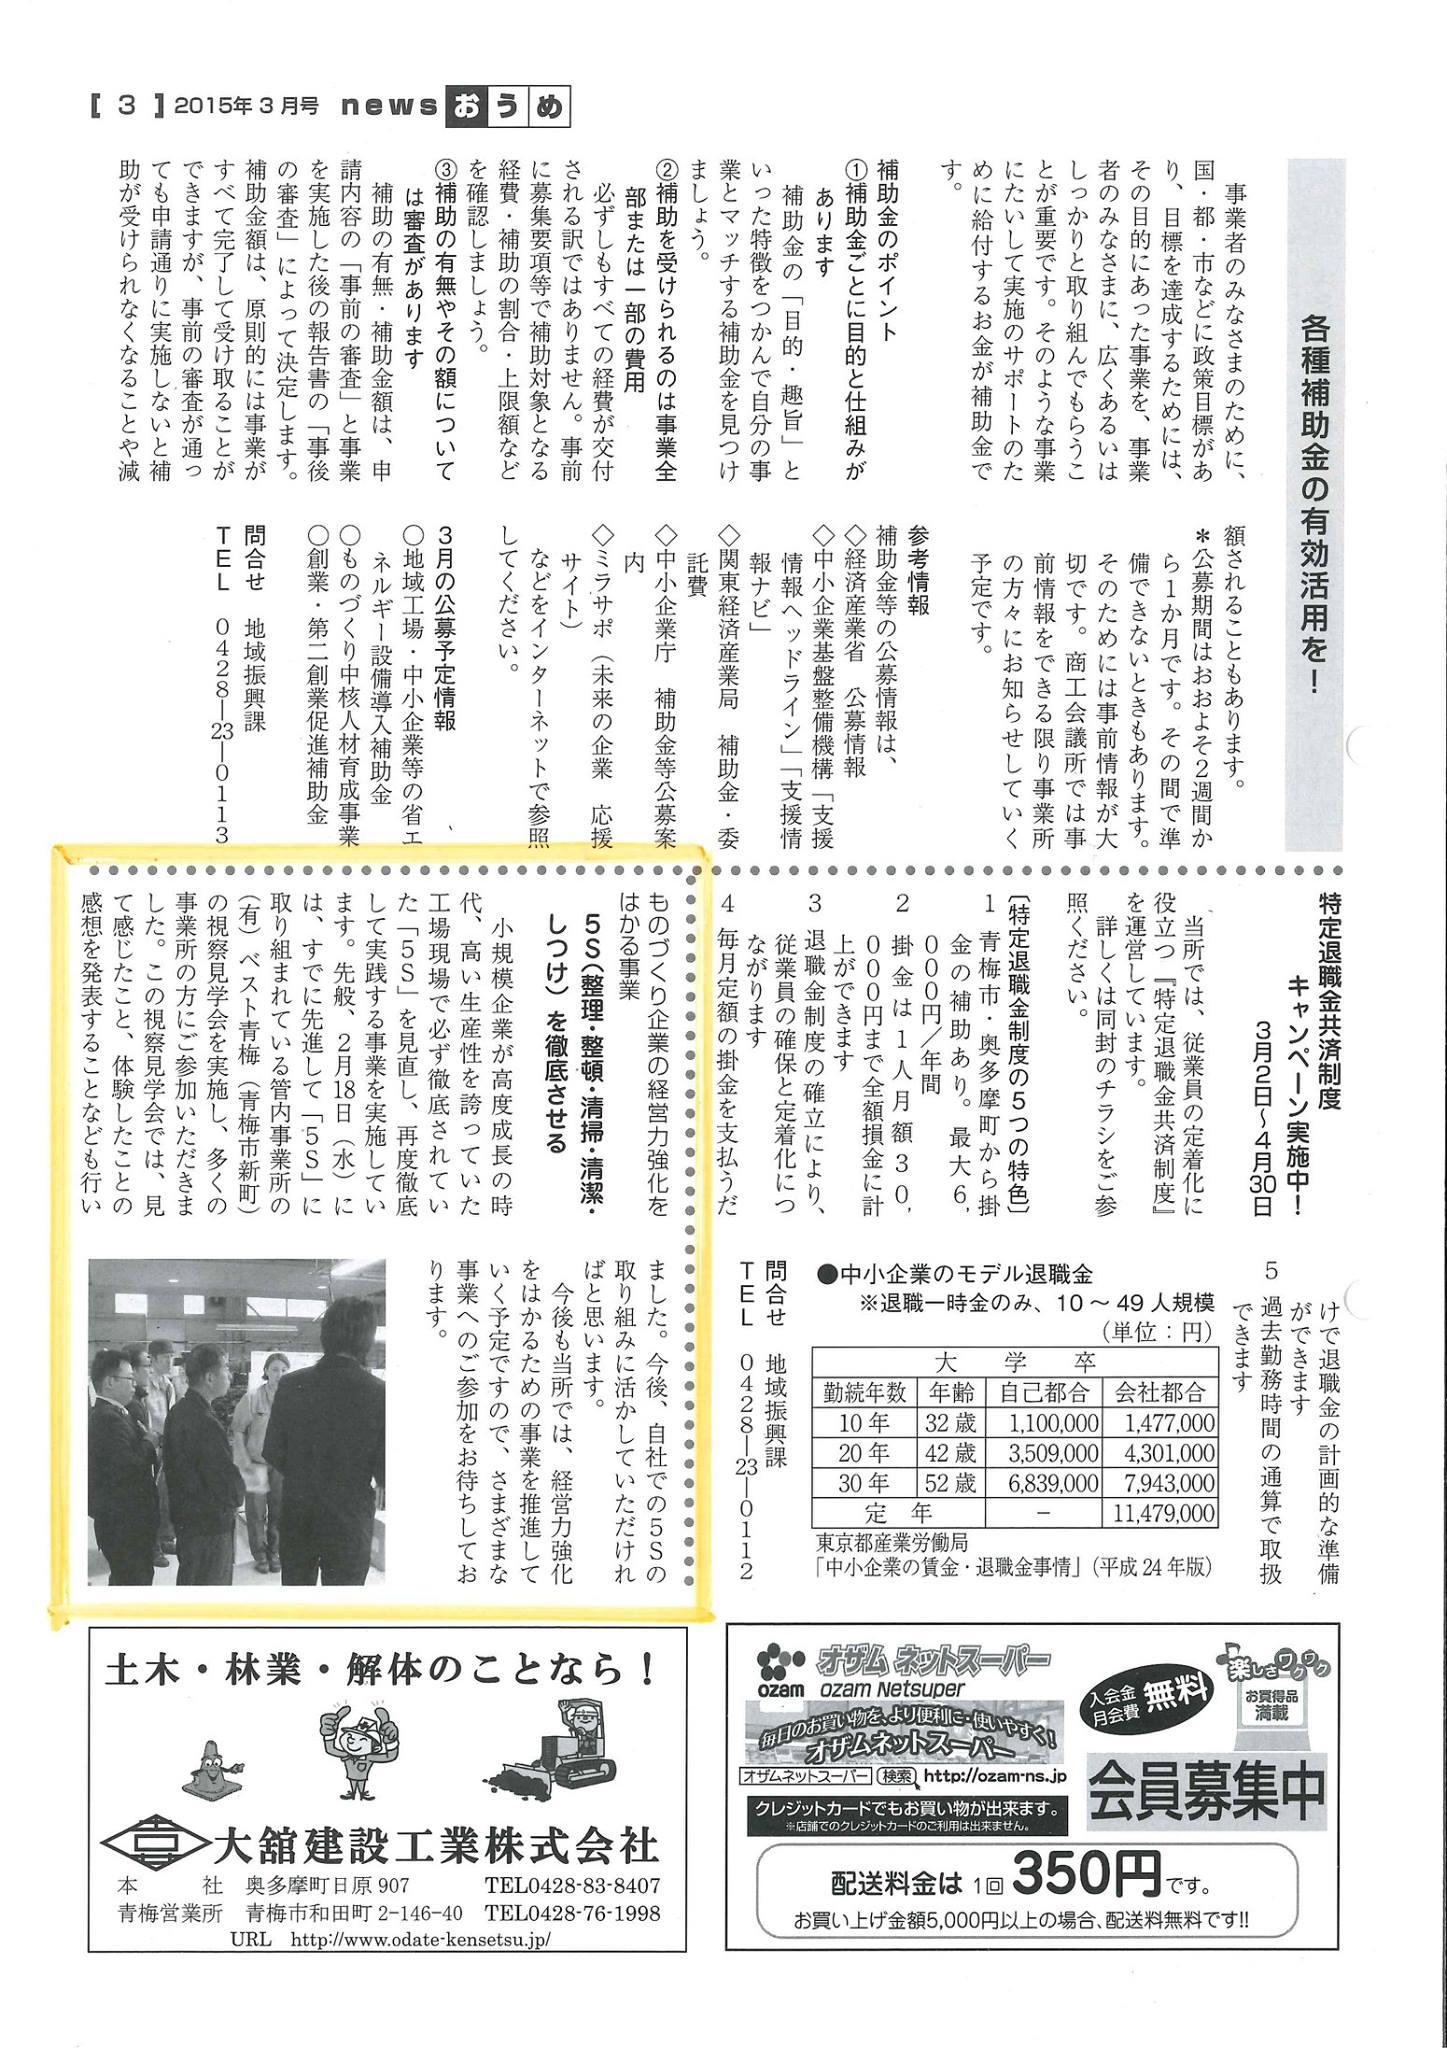 青梅商工会議所広報誌「NEWSおうめ」に掲載